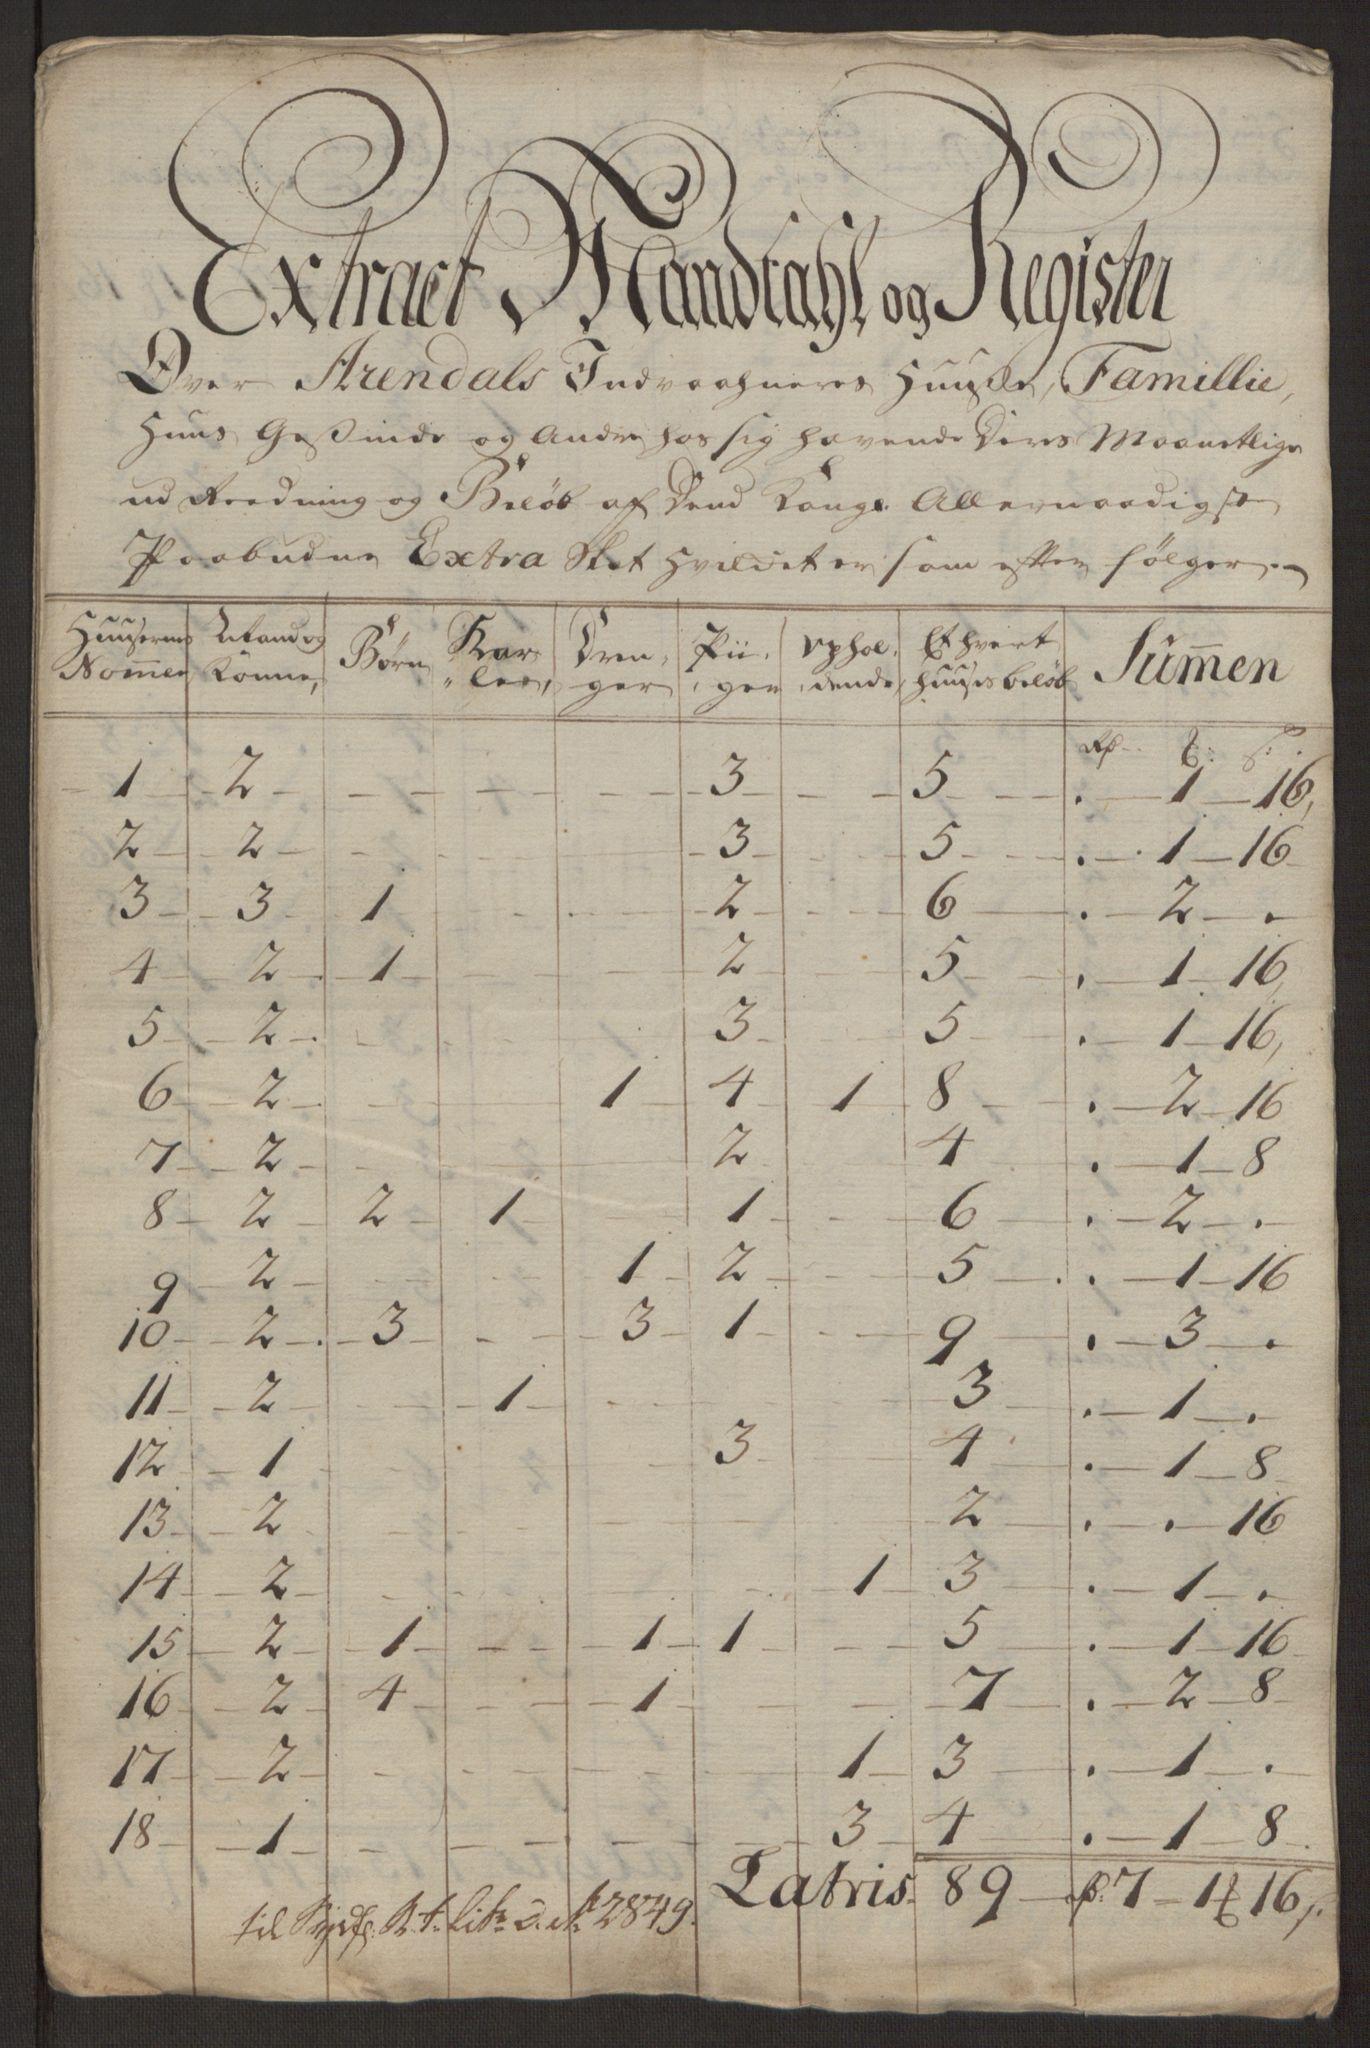 RA, Rentekammeret inntil 1814, Reviderte regnskaper, Byregnskaper, R/Rl/L0230: [L4] Kontribusjonsregnskap, 1762-1764, s. 45